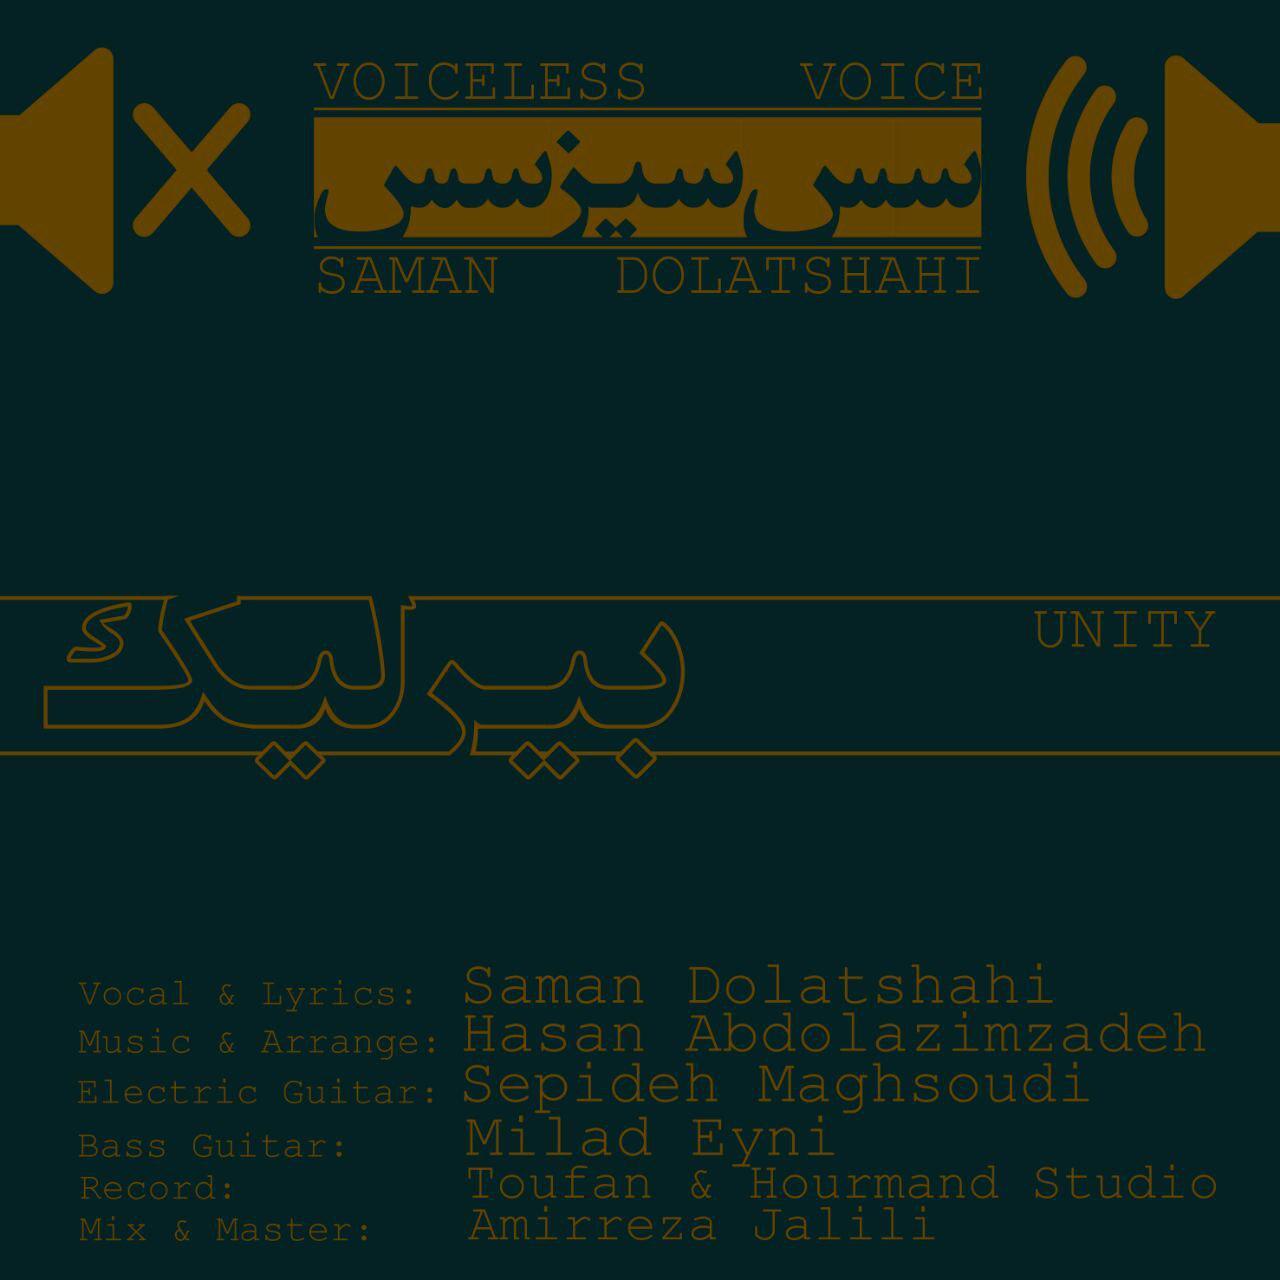 http://s8.picofile.com/file/8303214784/17Saman_Dolatshahi_Birlik_Unity_.jpg